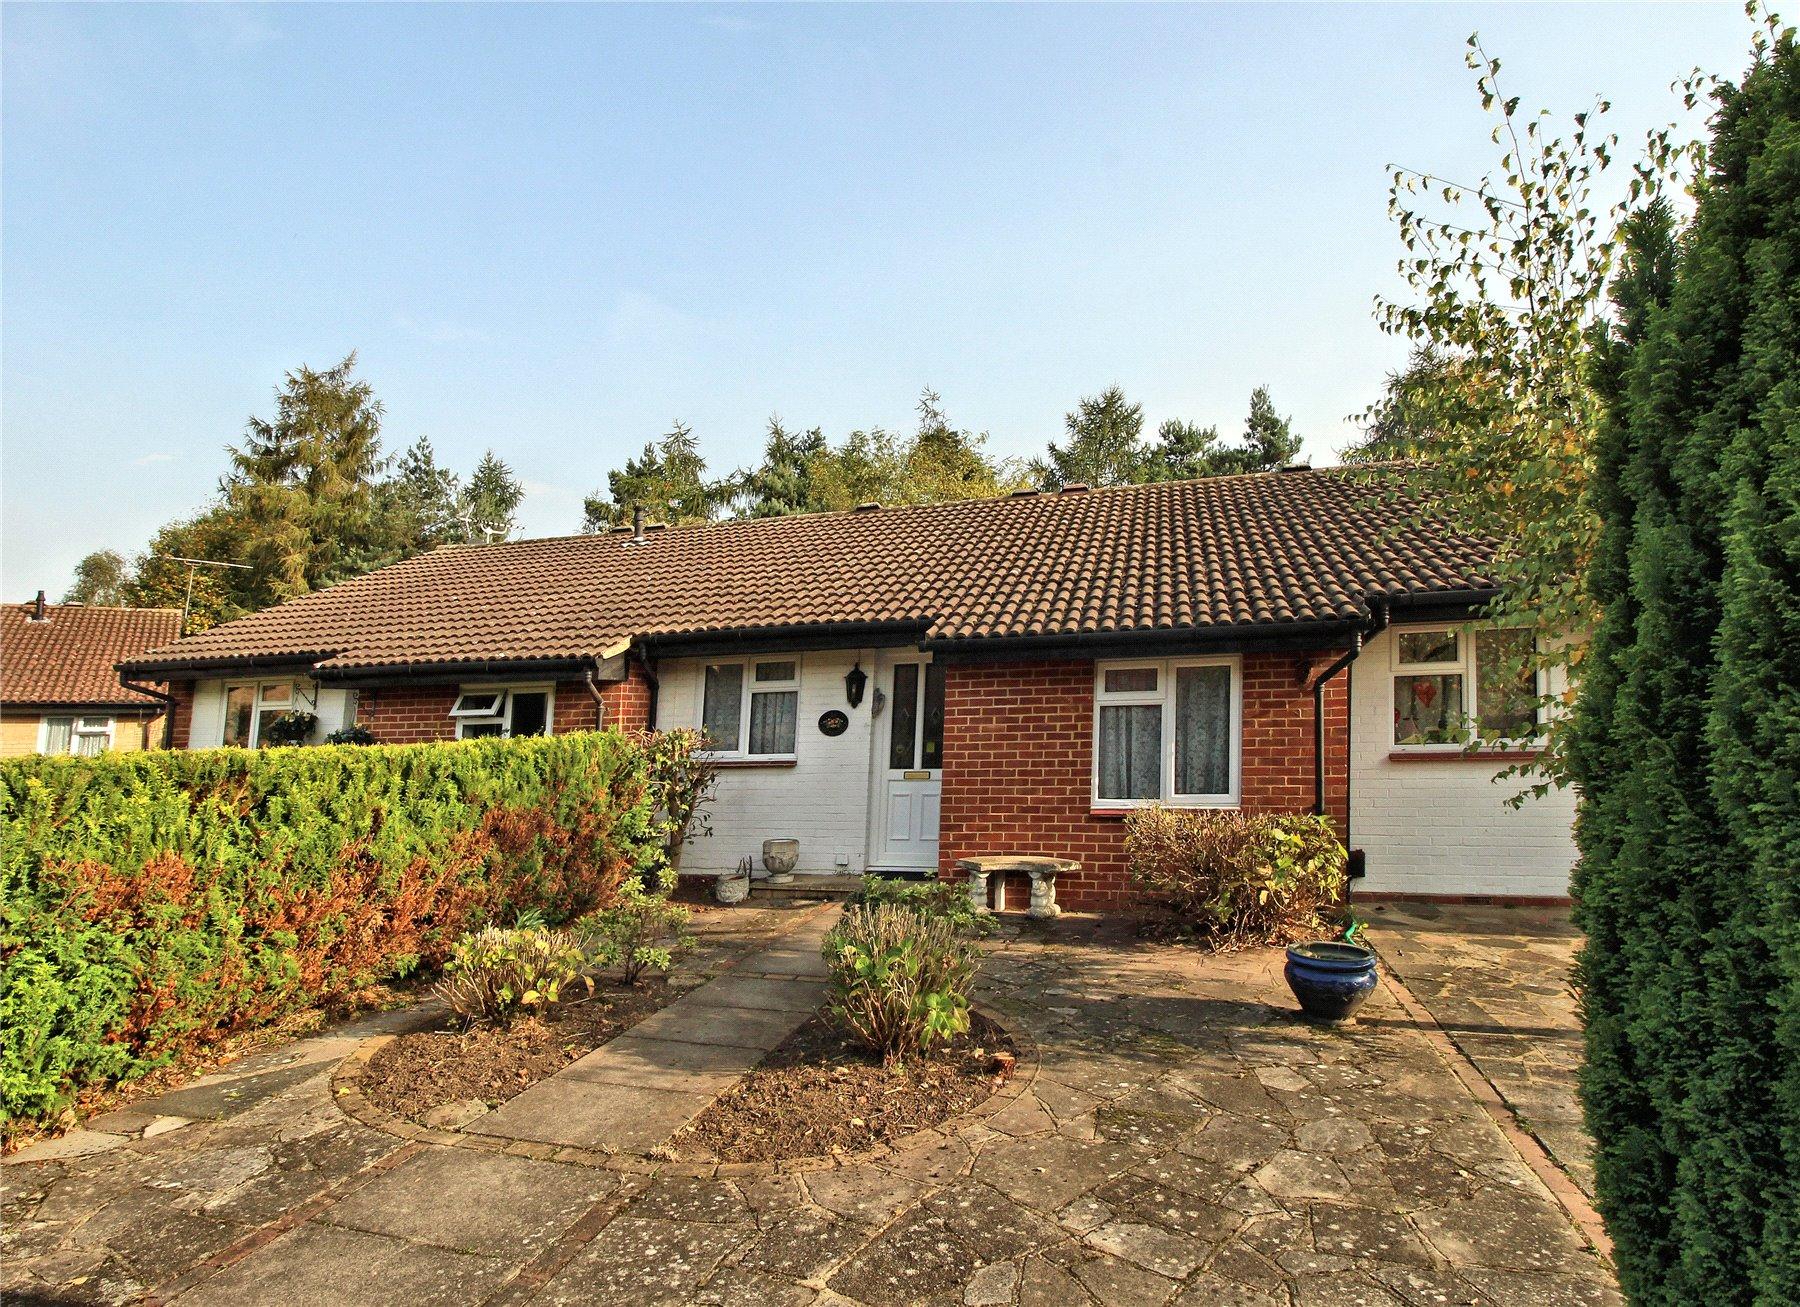 2 Bedrooms Terraced Bungalow for sale in Watermead, Woking, Surrey, GU21